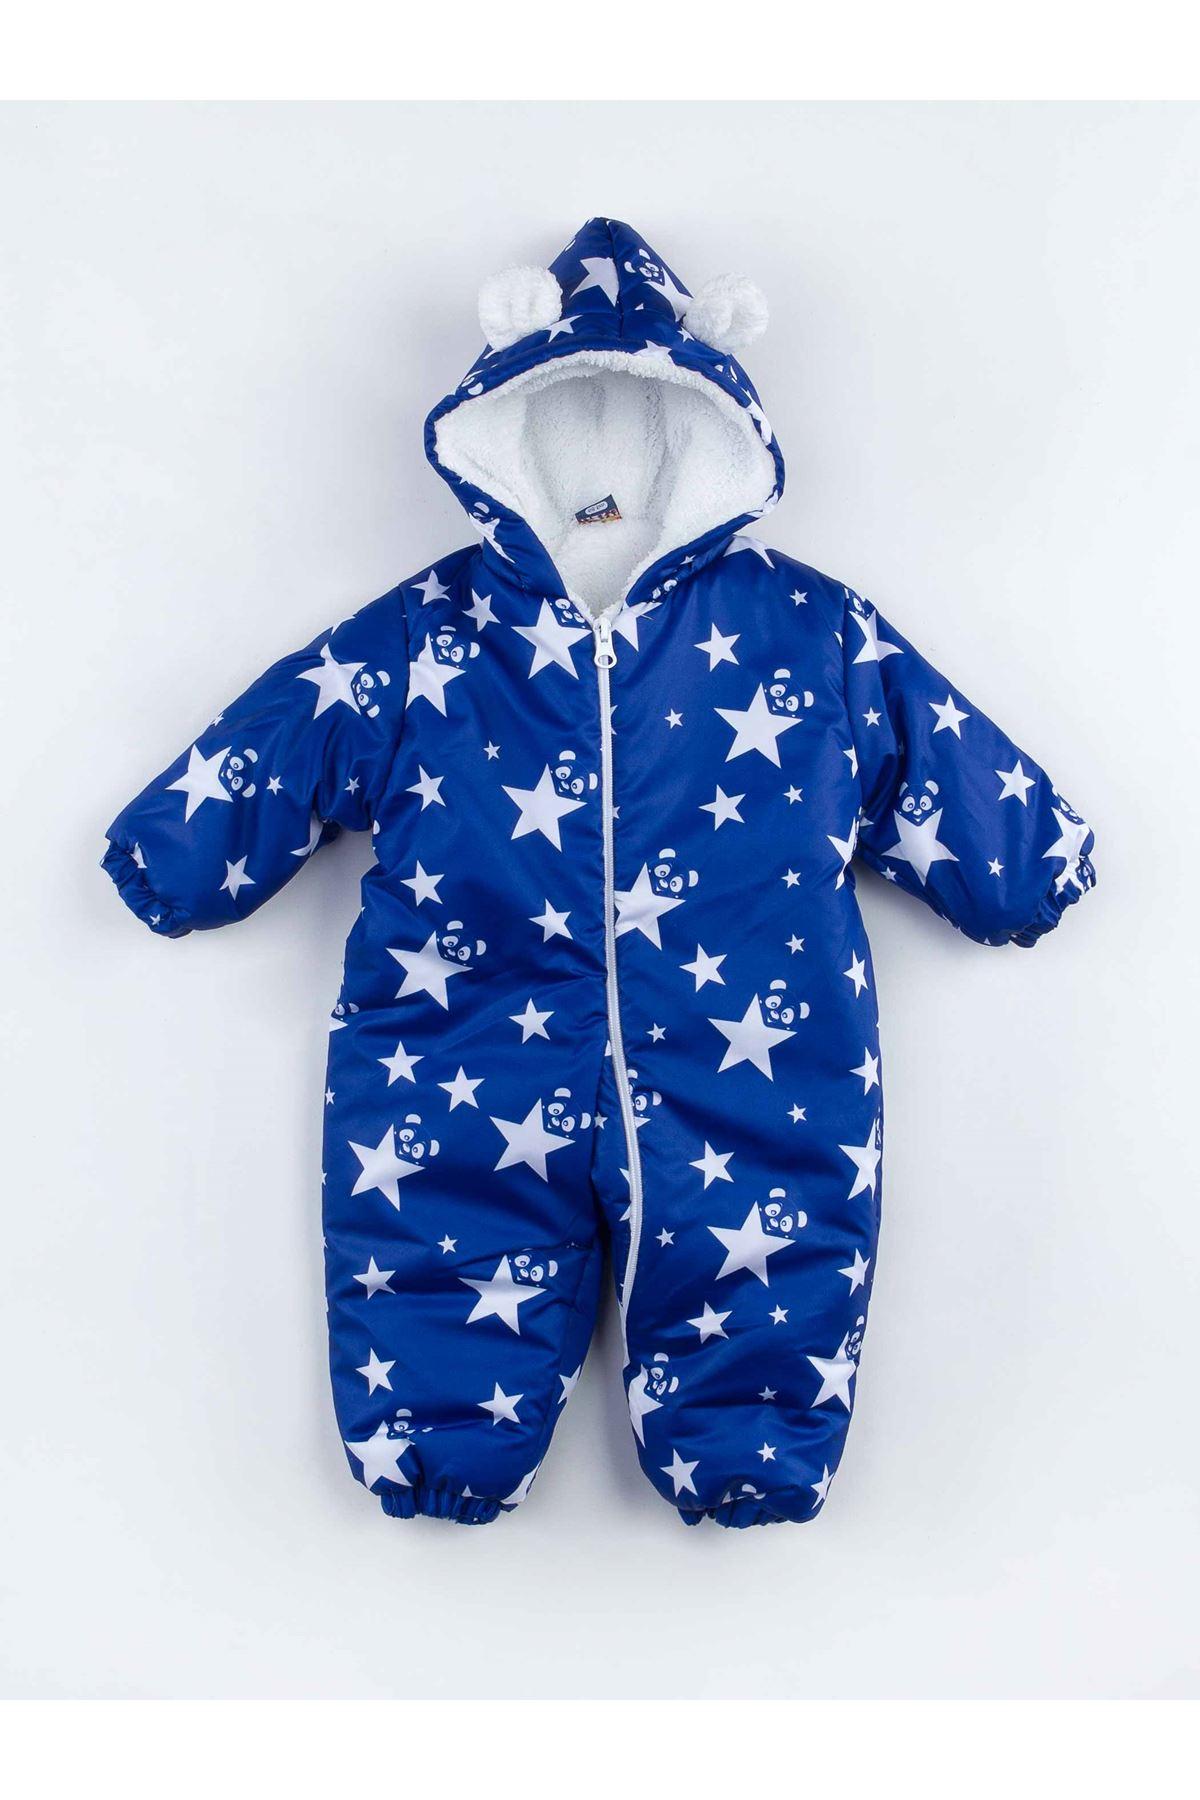 Sax Yıldızlı Erkek Bebek Kozmonot Tulum